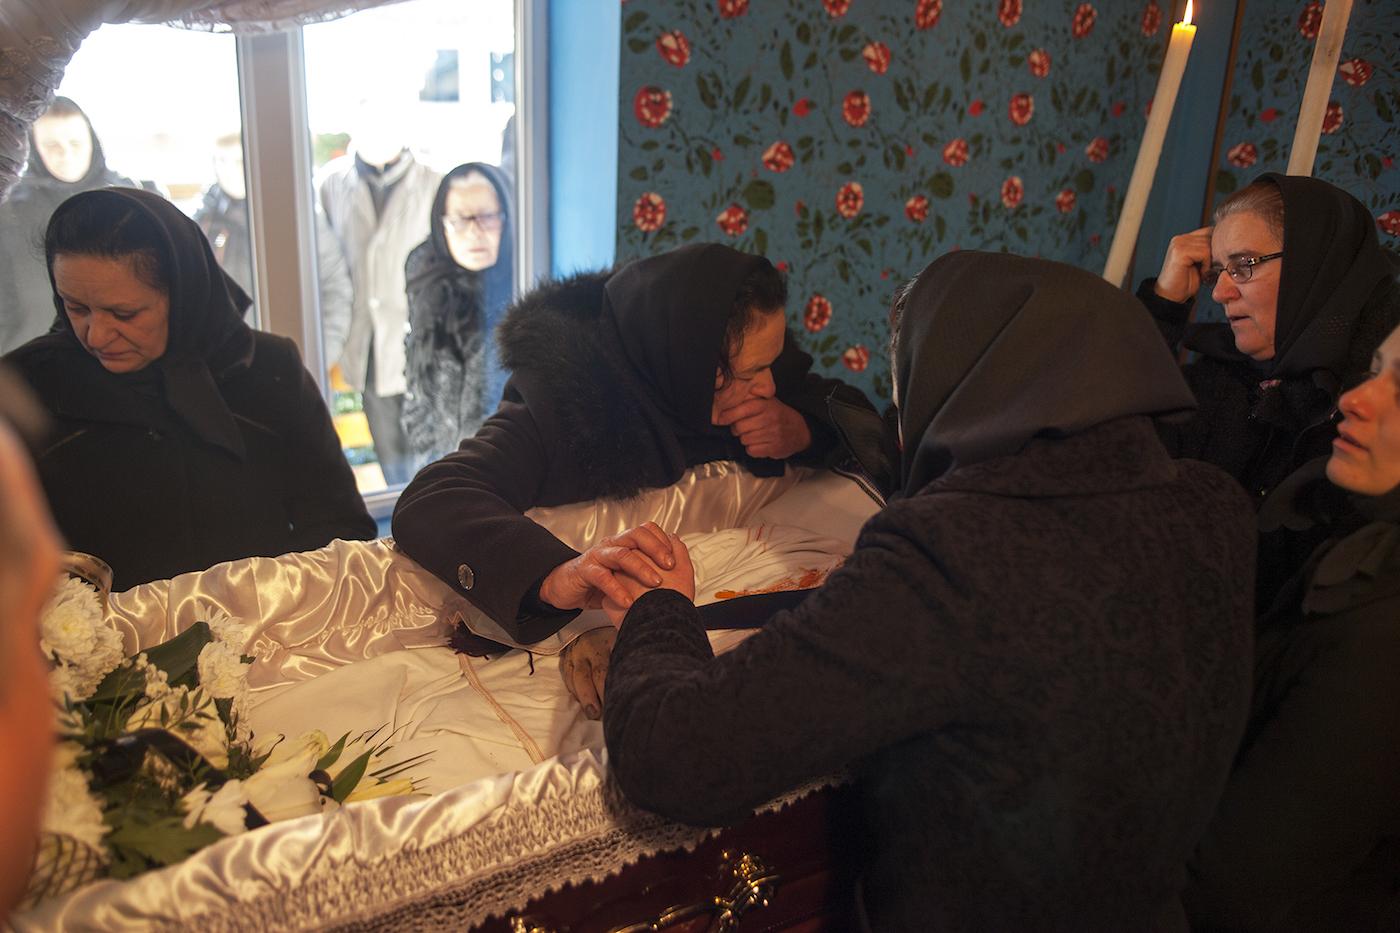 À Săpânța, on conserve les morts pendant trois jours dans une pièce de la maison spécialement préparée pour ça.